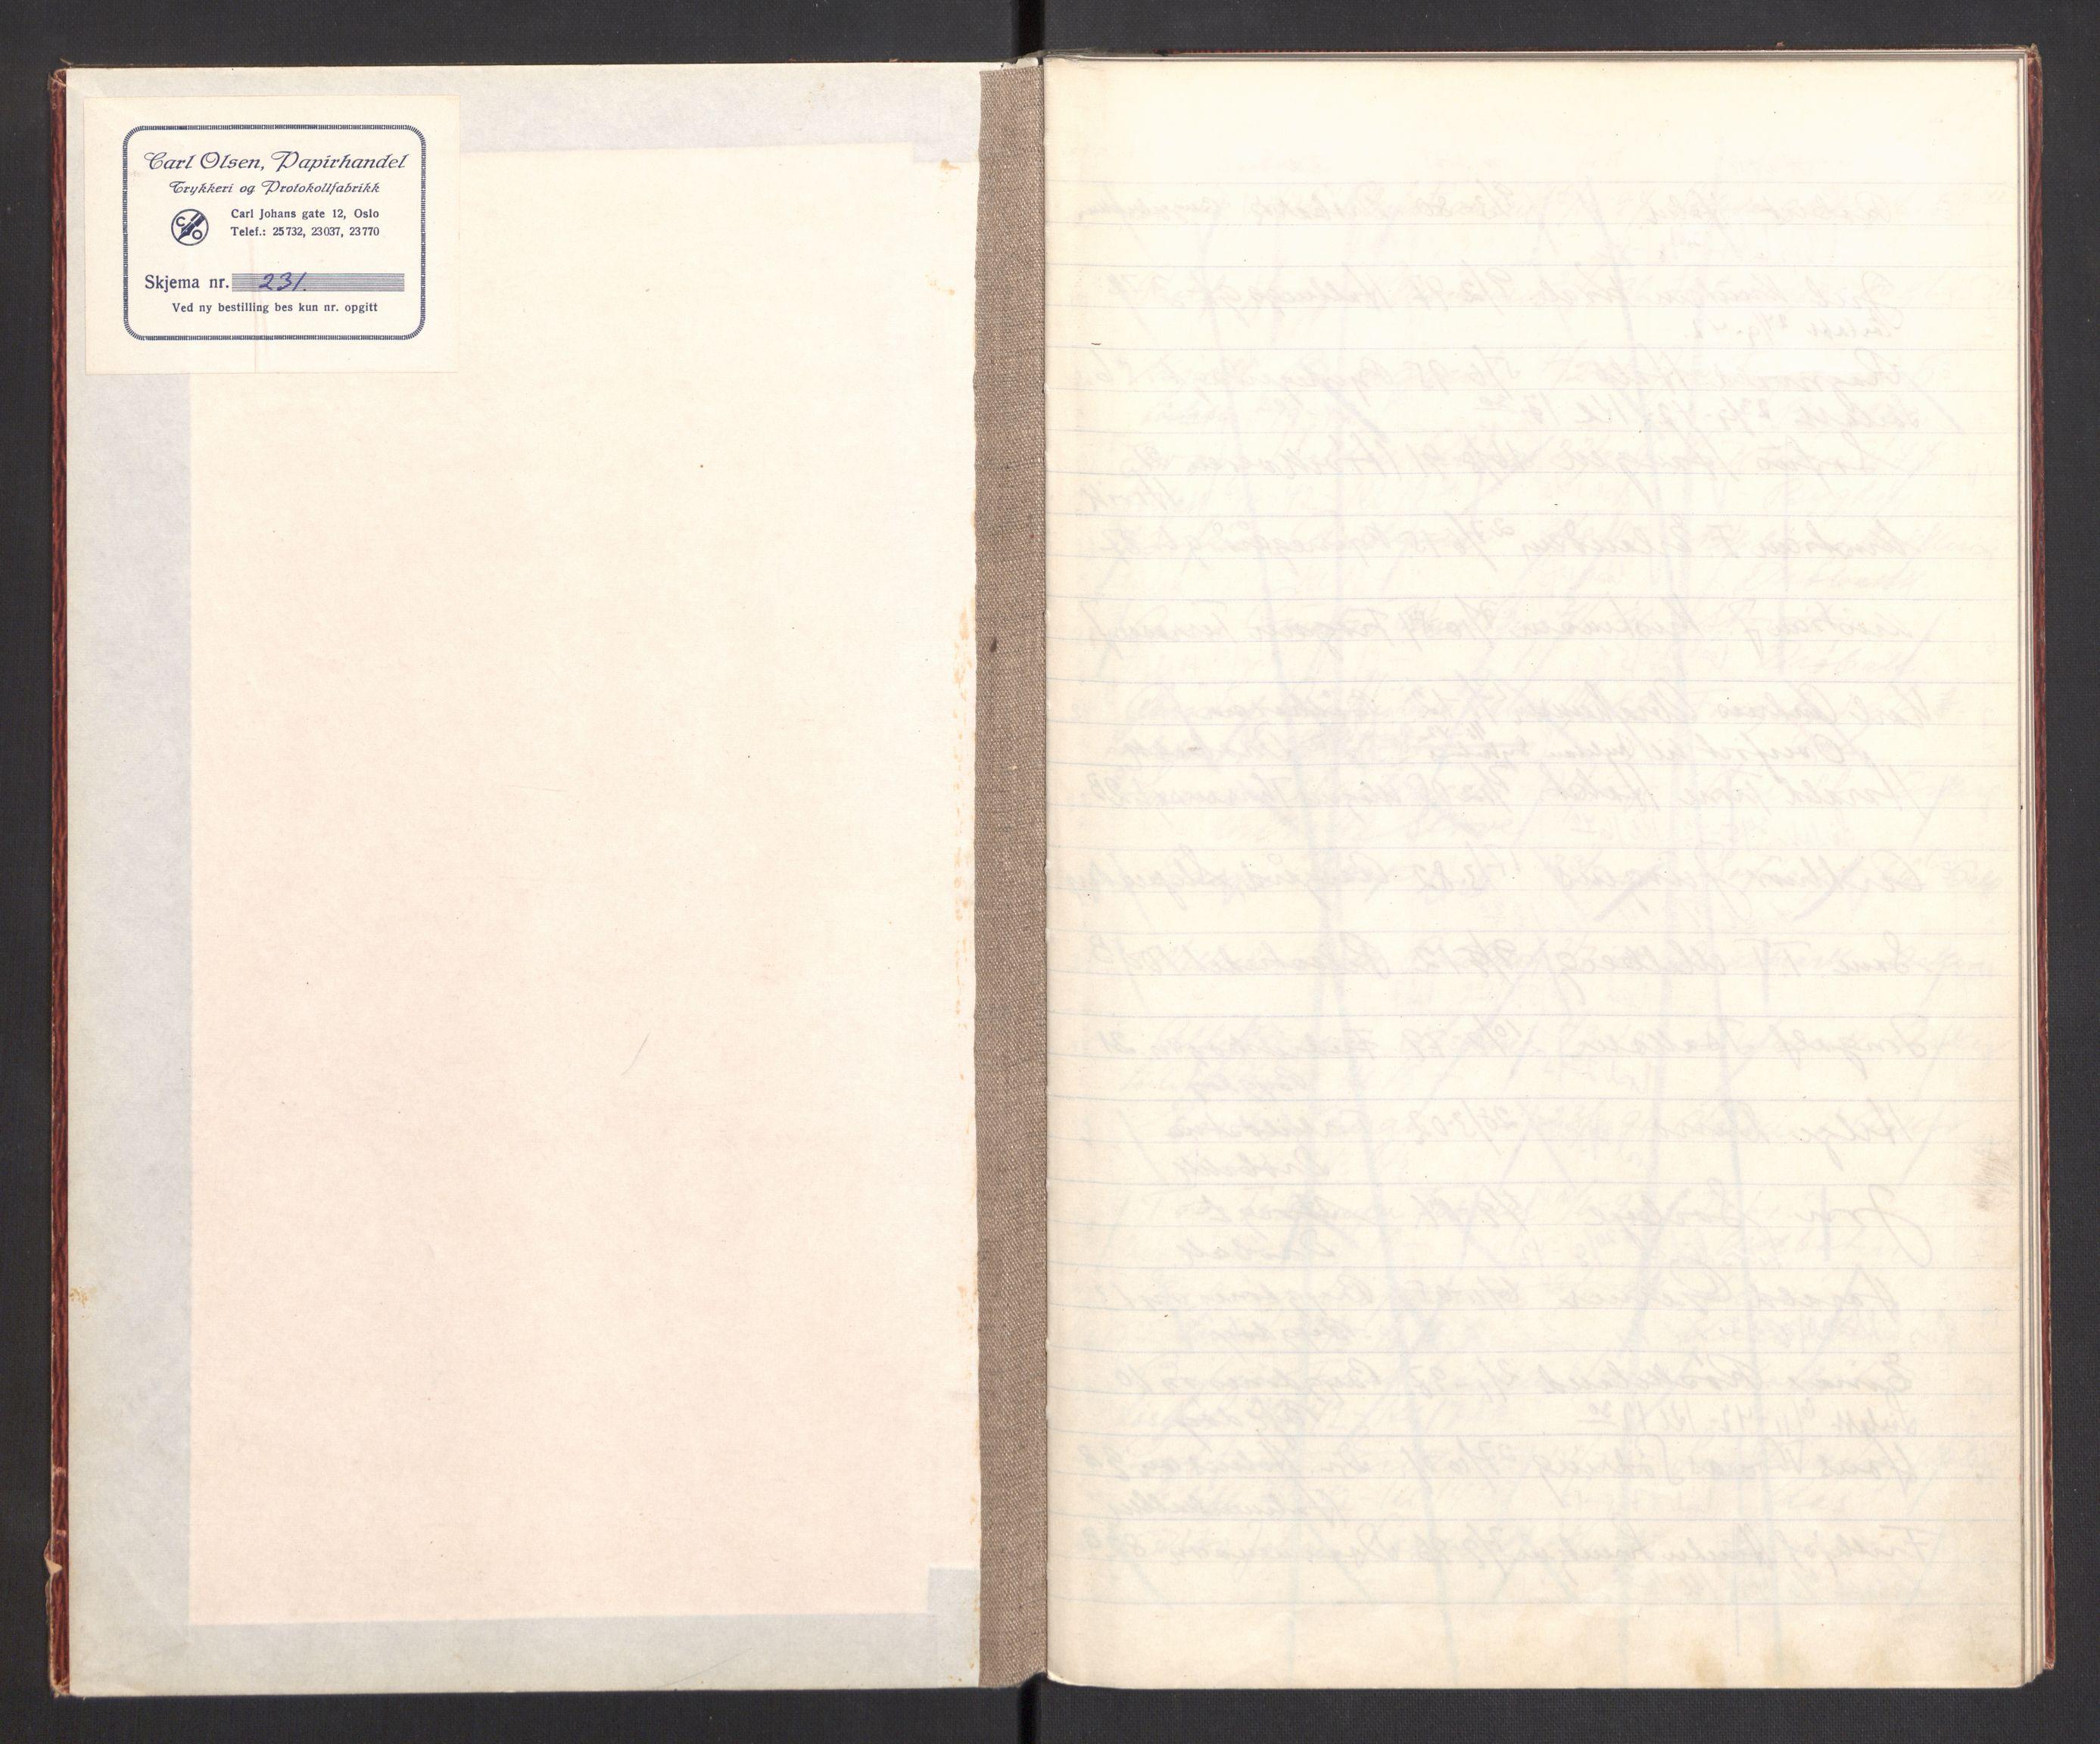 RA, Statspolitiet - Hovedkontoret / Osloavdelingen, C/Cl/L0011: Sikringsfanger, 1942